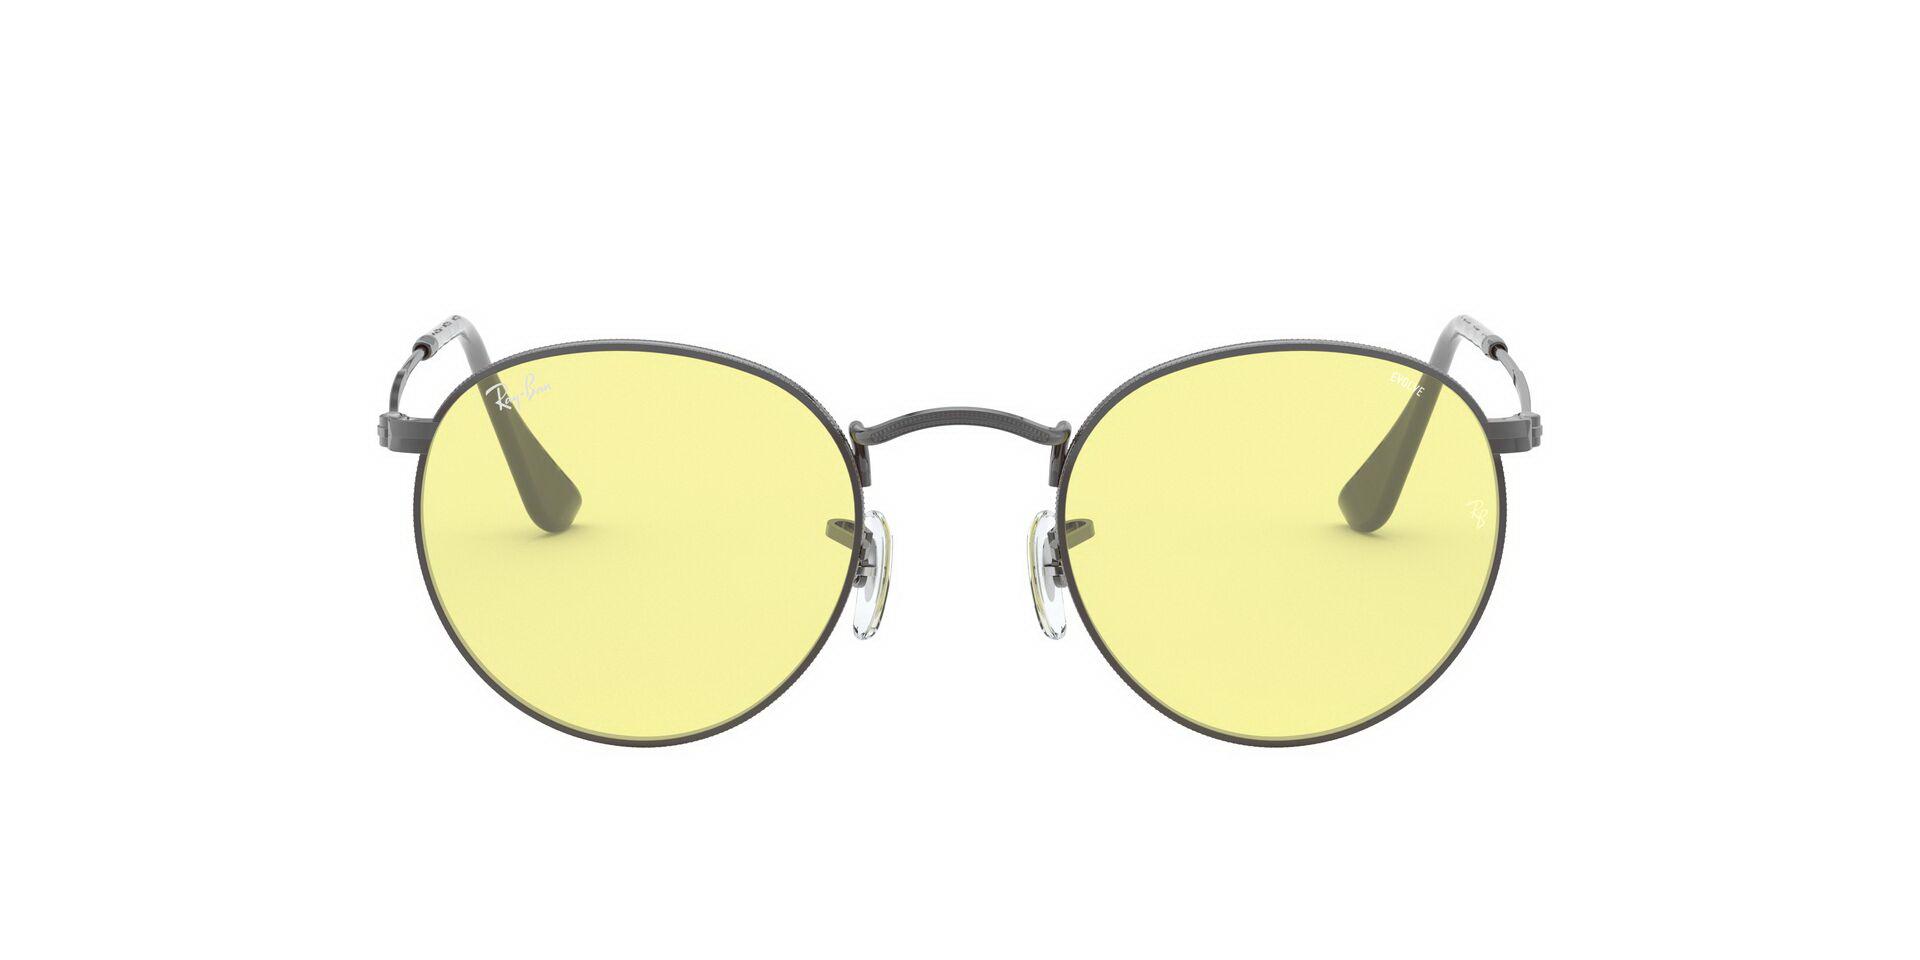 Солнцезащитные очки Очки с/з Ray Ban 0RB3447 004/T4 фото